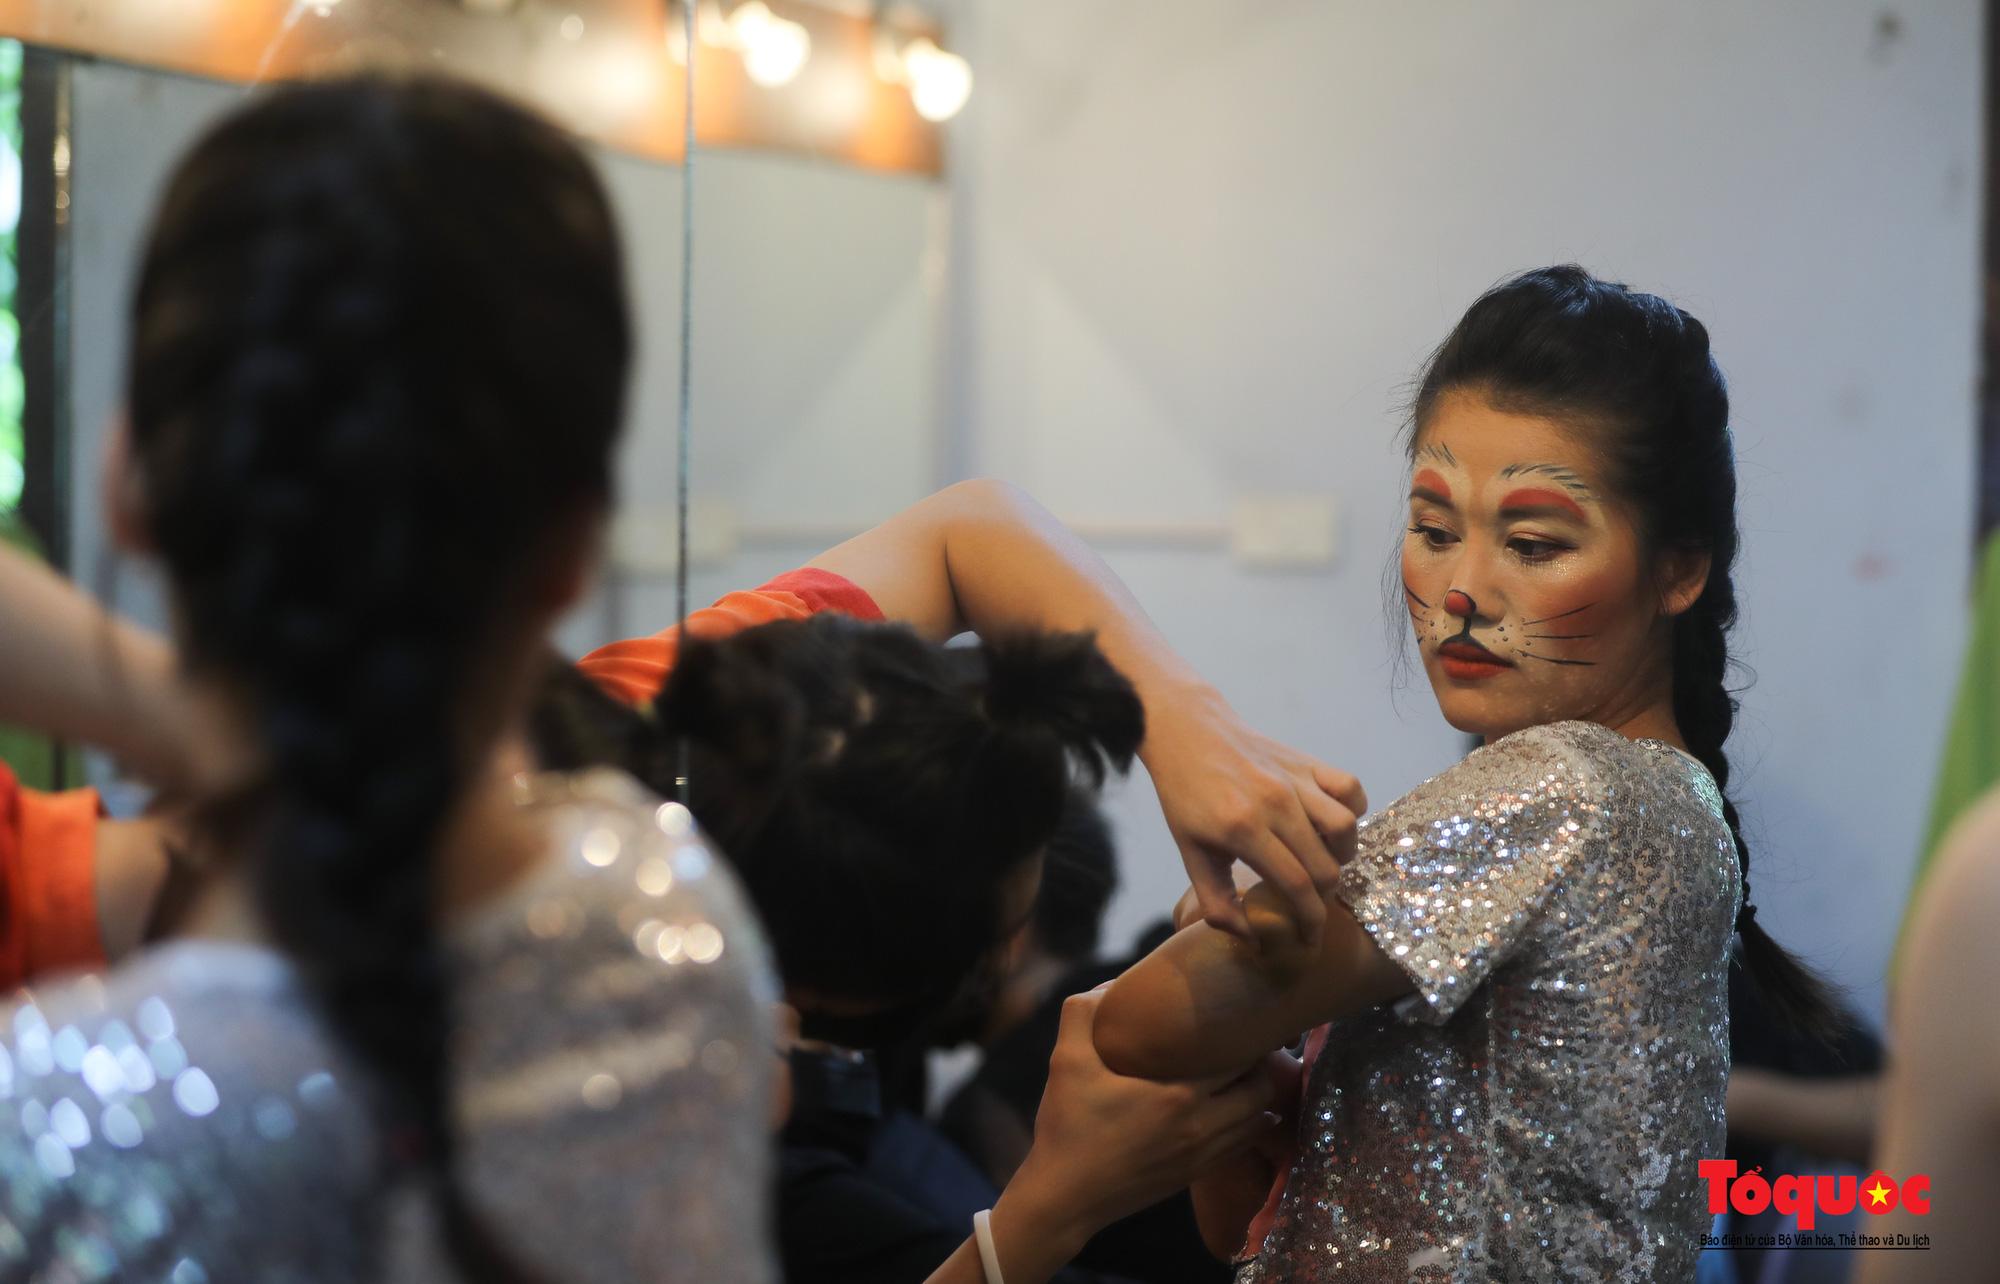 """Các nghệ sĩ múa rối hăng say luyện tập cho chương trình nghệ thuật online đặc biệt """"Trung thu cho em"""" - Ảnh 5."""